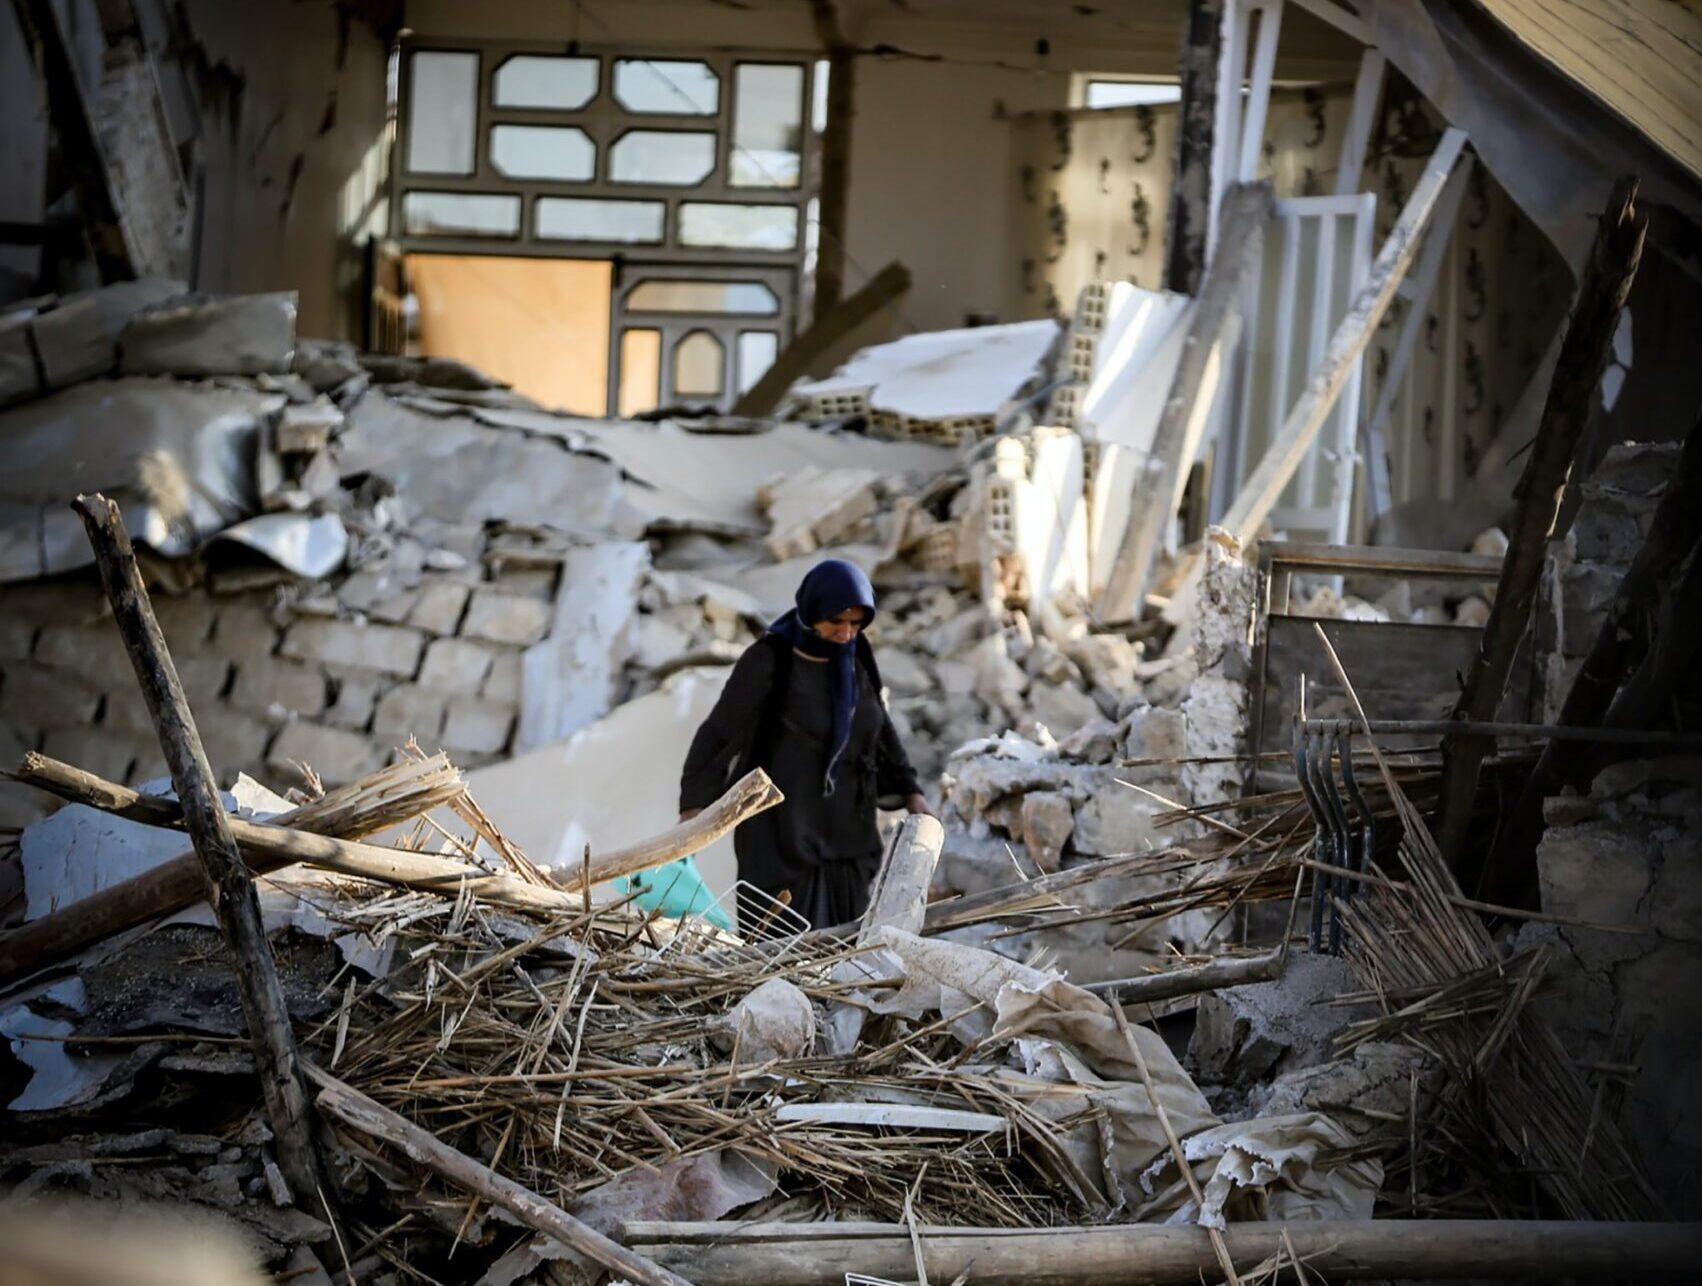 Pusztító földrengés sújthatja Izraelt a közeljövőben